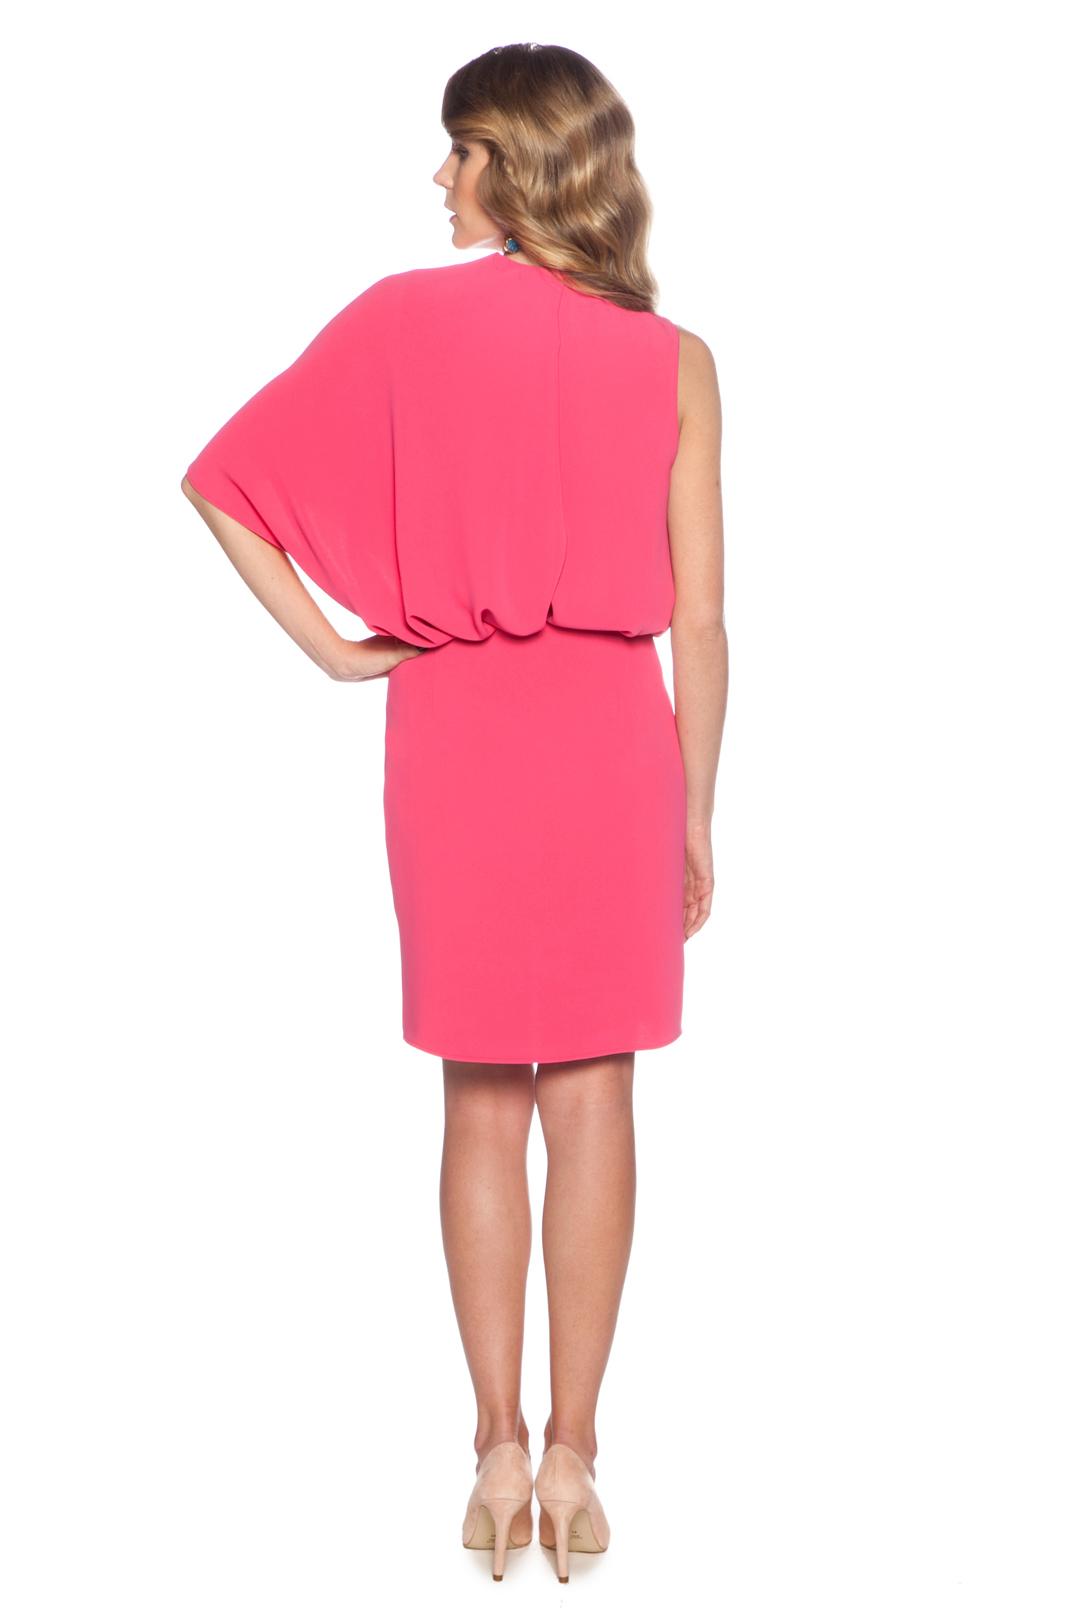 back - Vestido Rosa Fluor